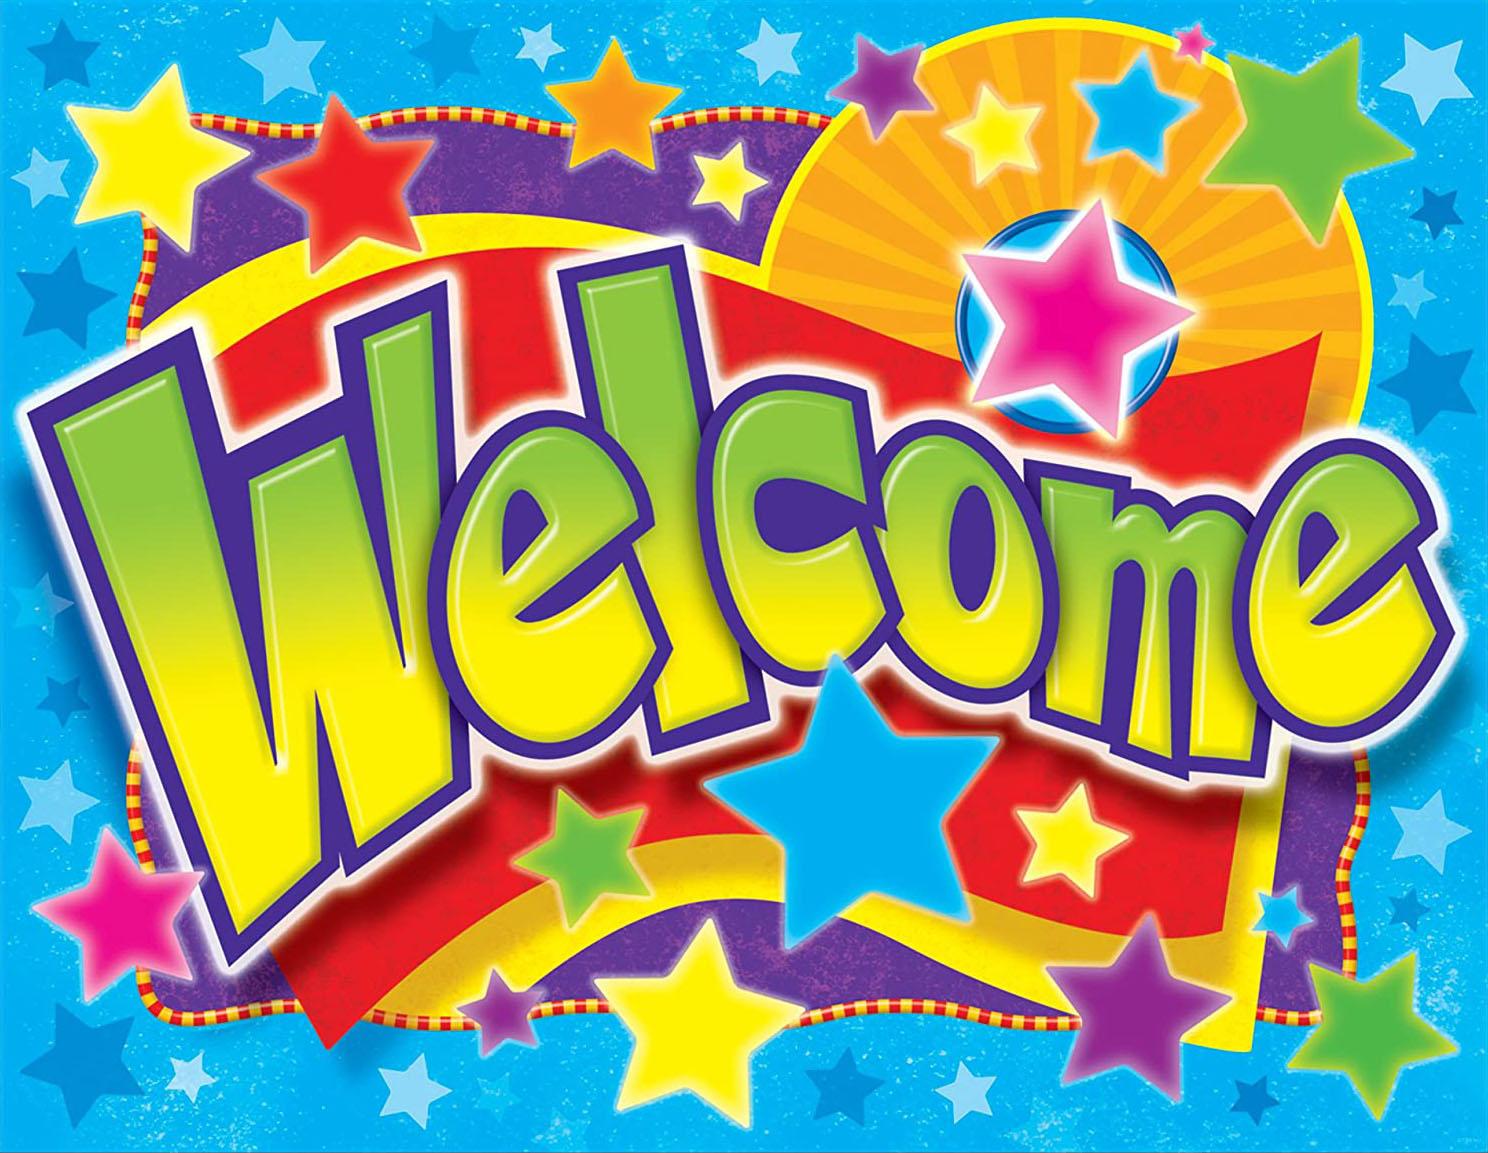 Hình ảnh slide chữ welcome